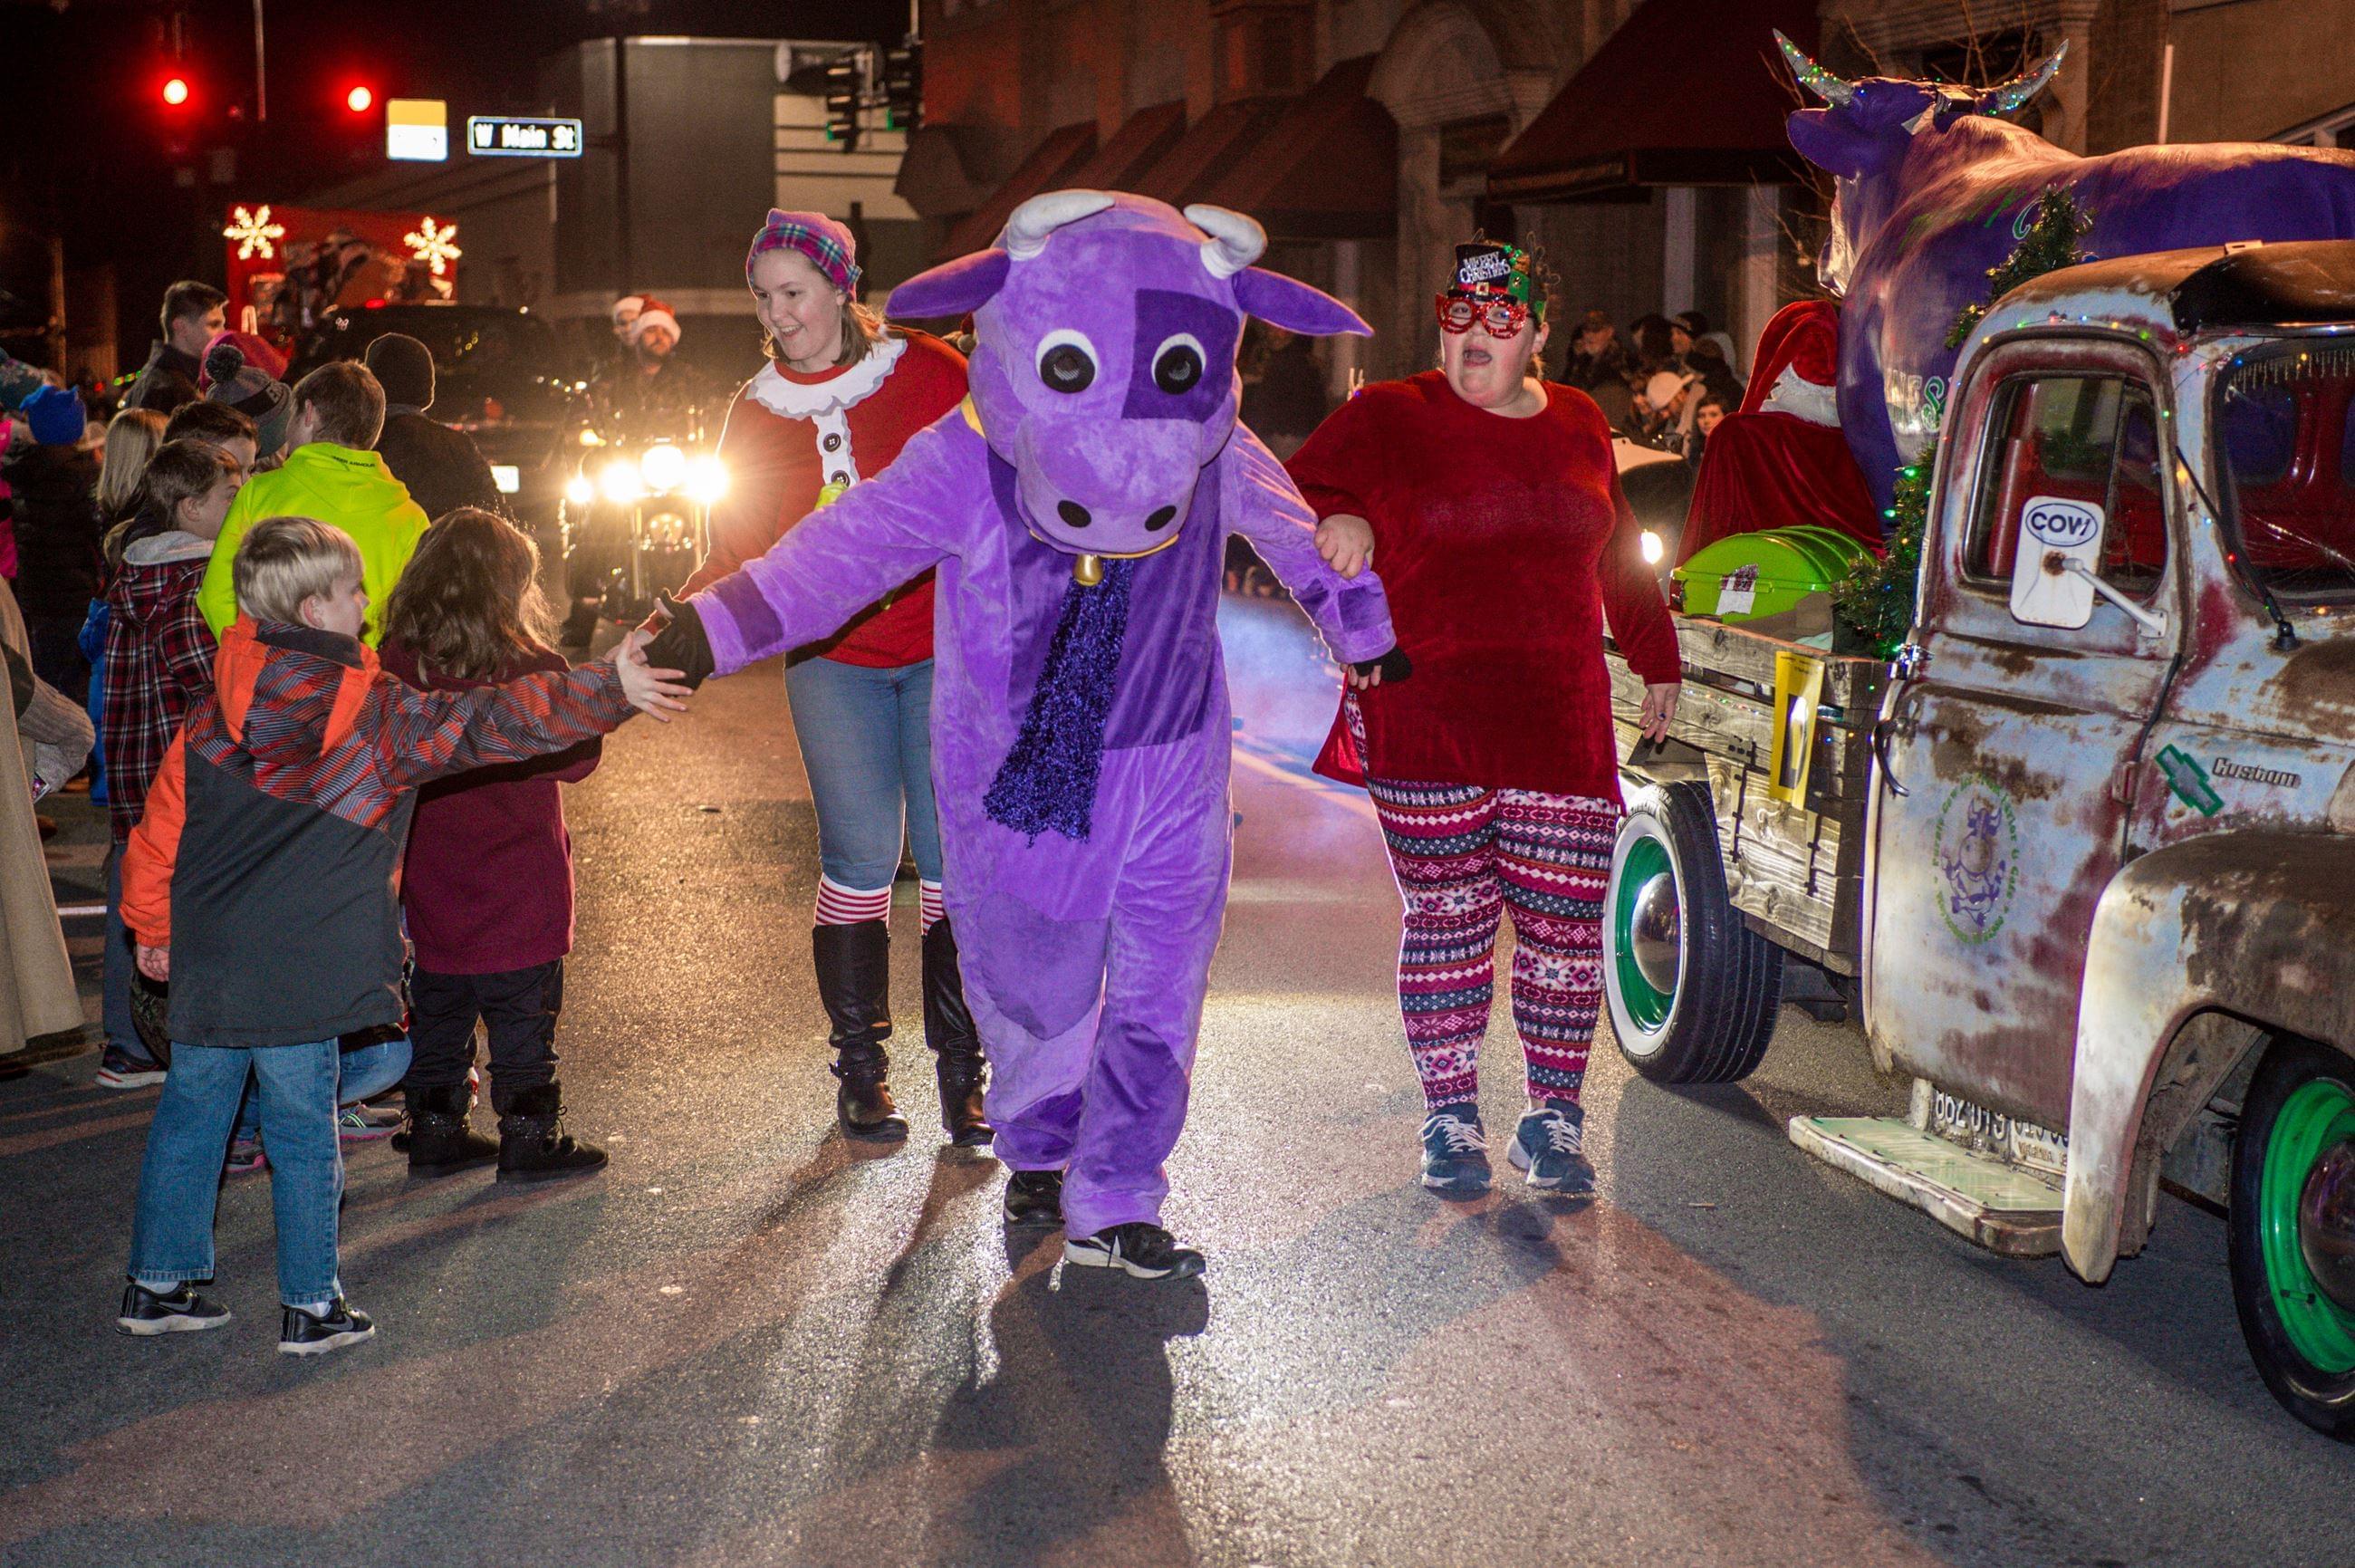 Waynesboro Christmas Parade (12/7)